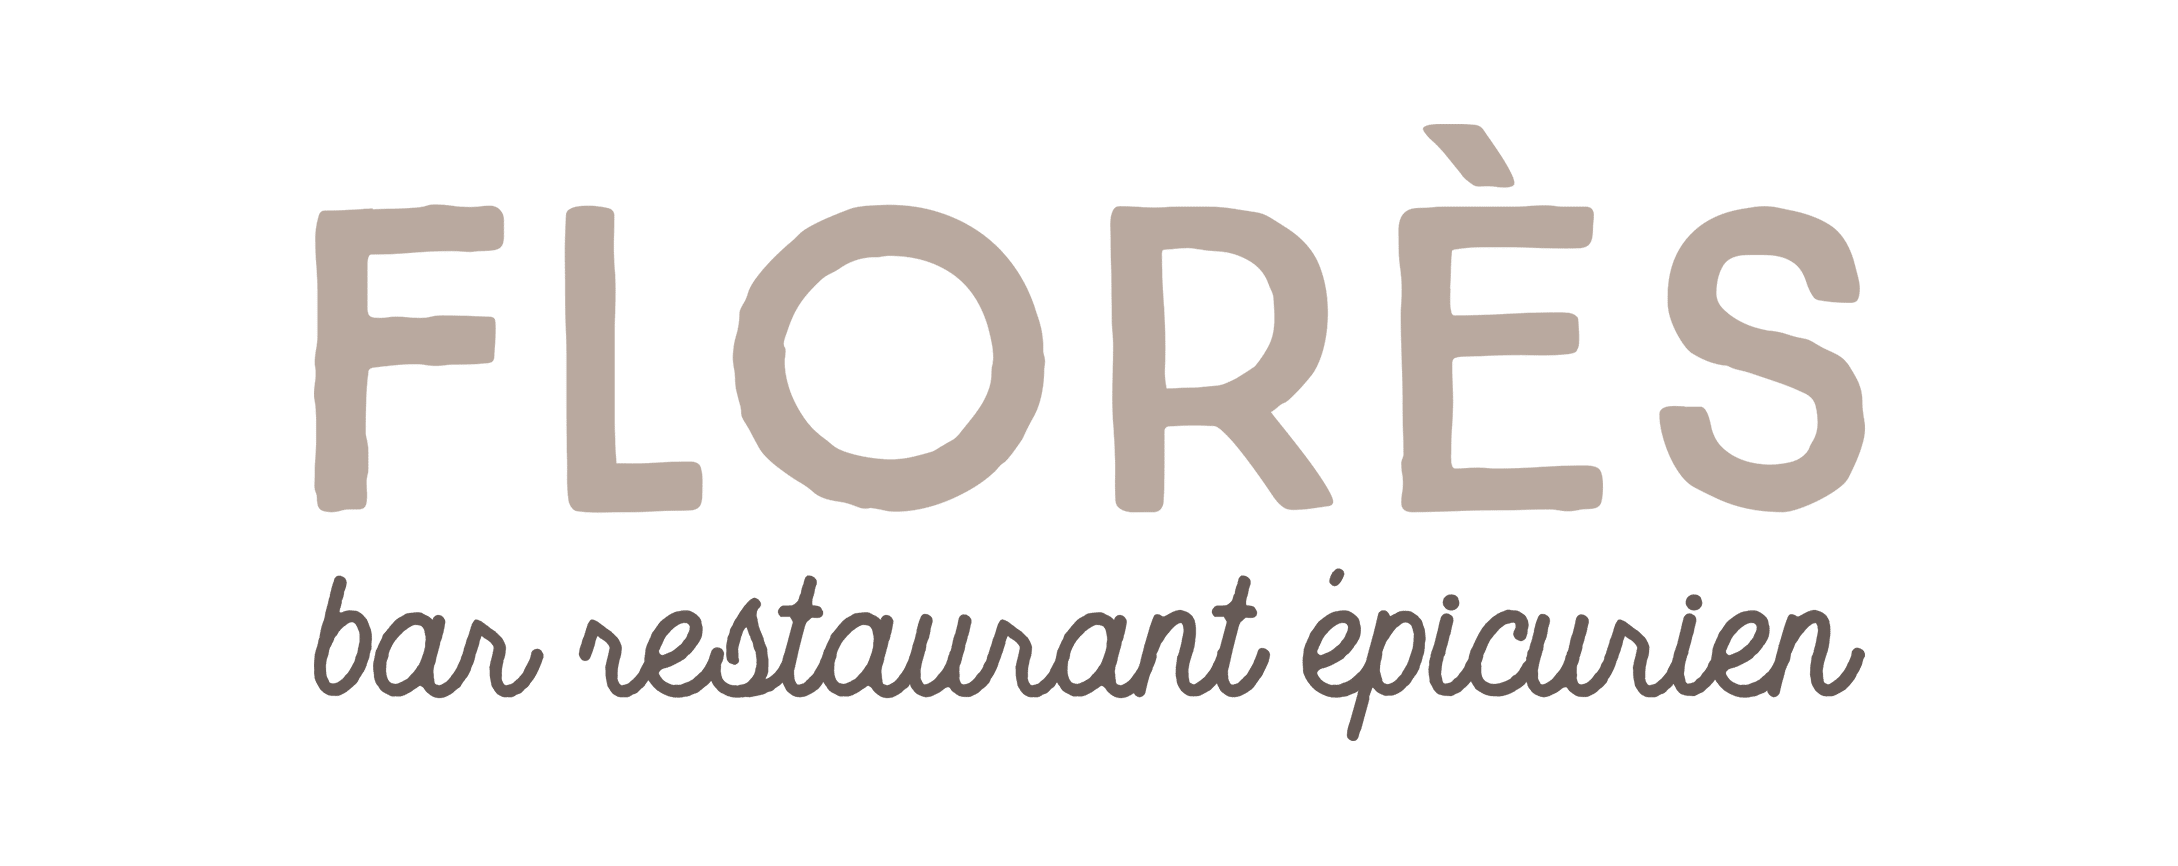 Florès